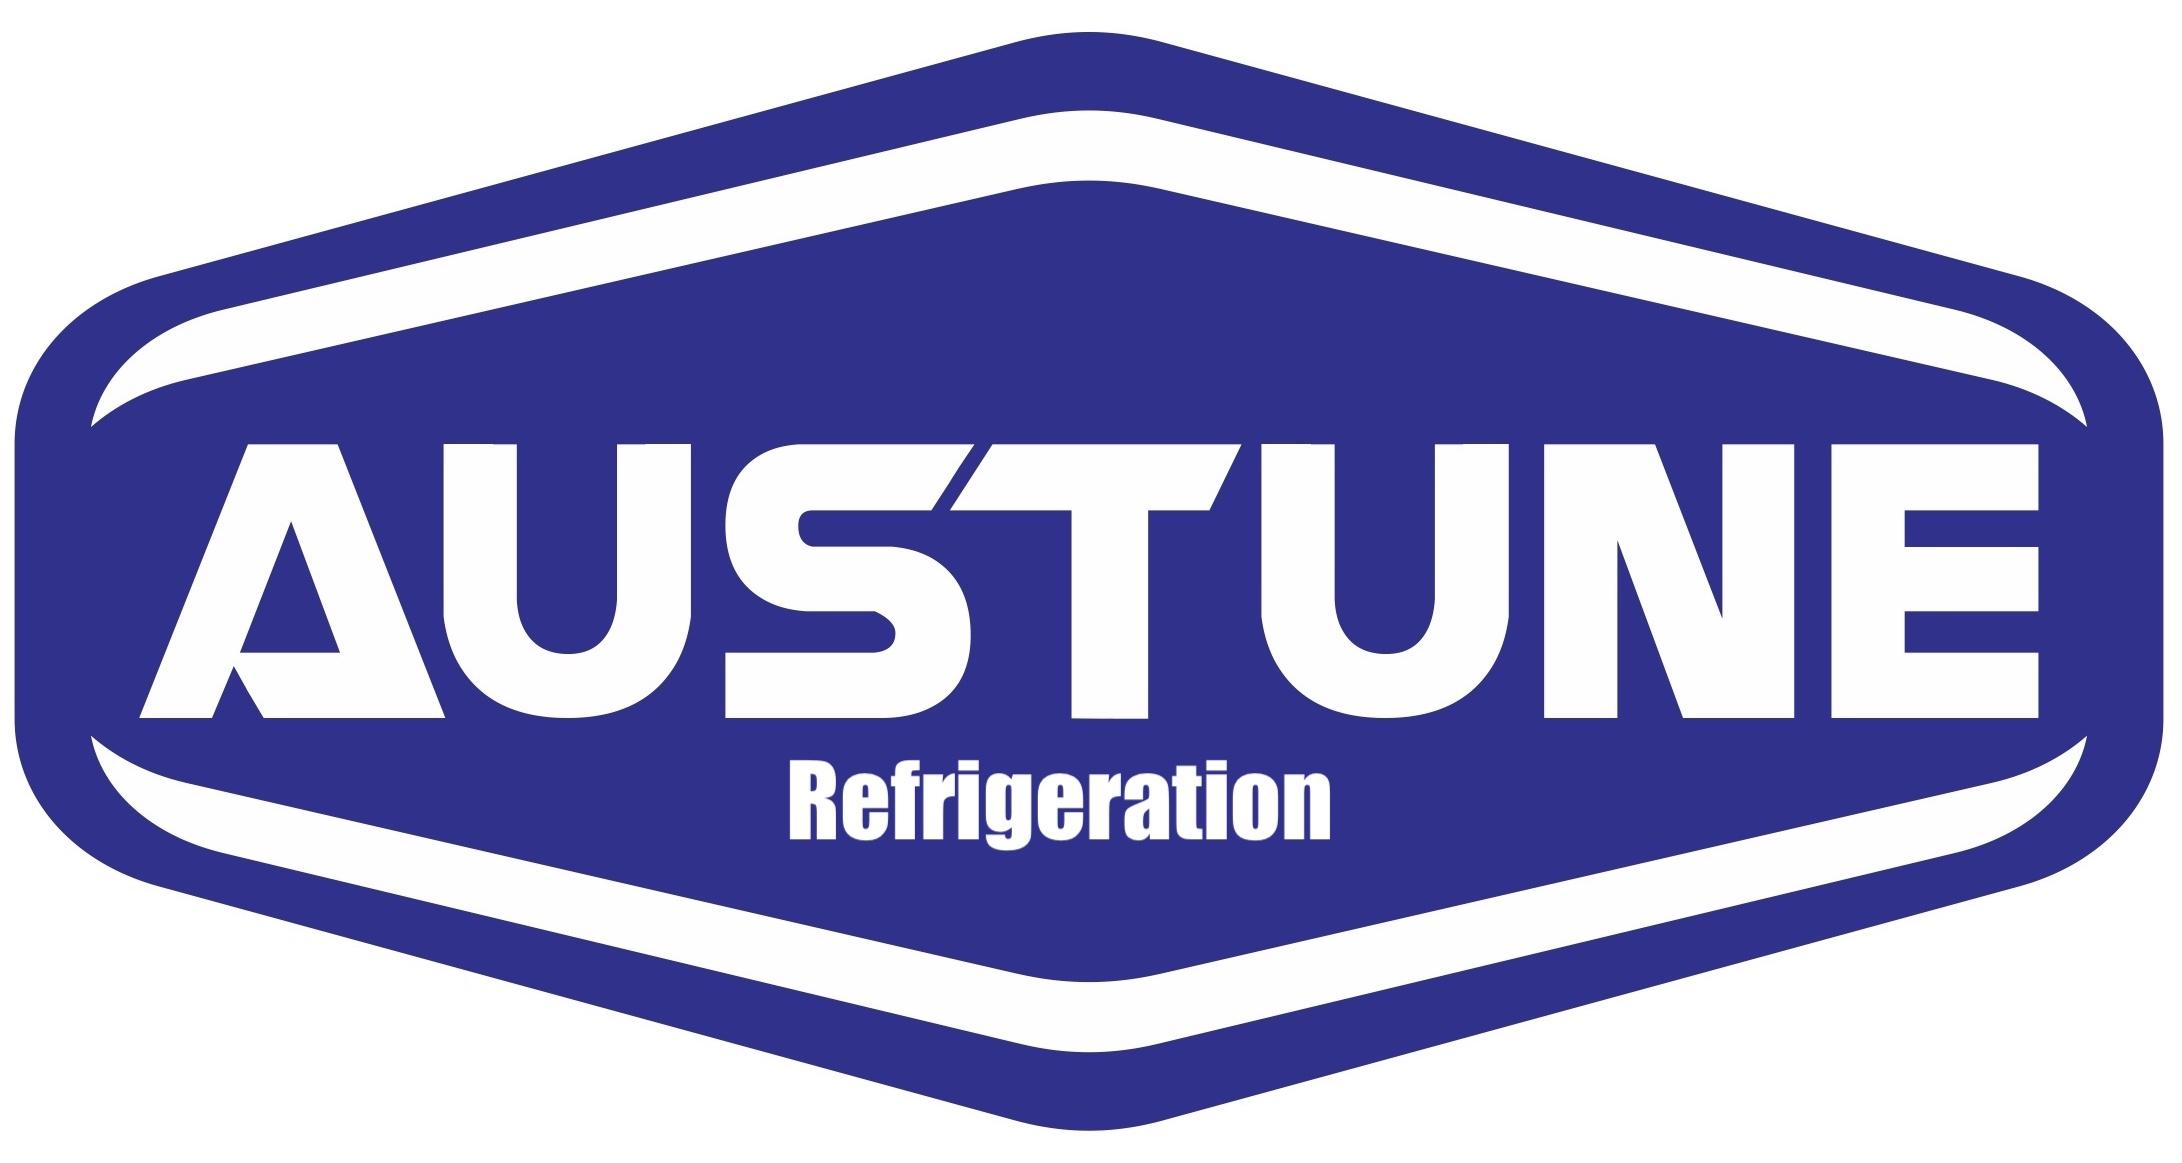 Austune Refrigeration